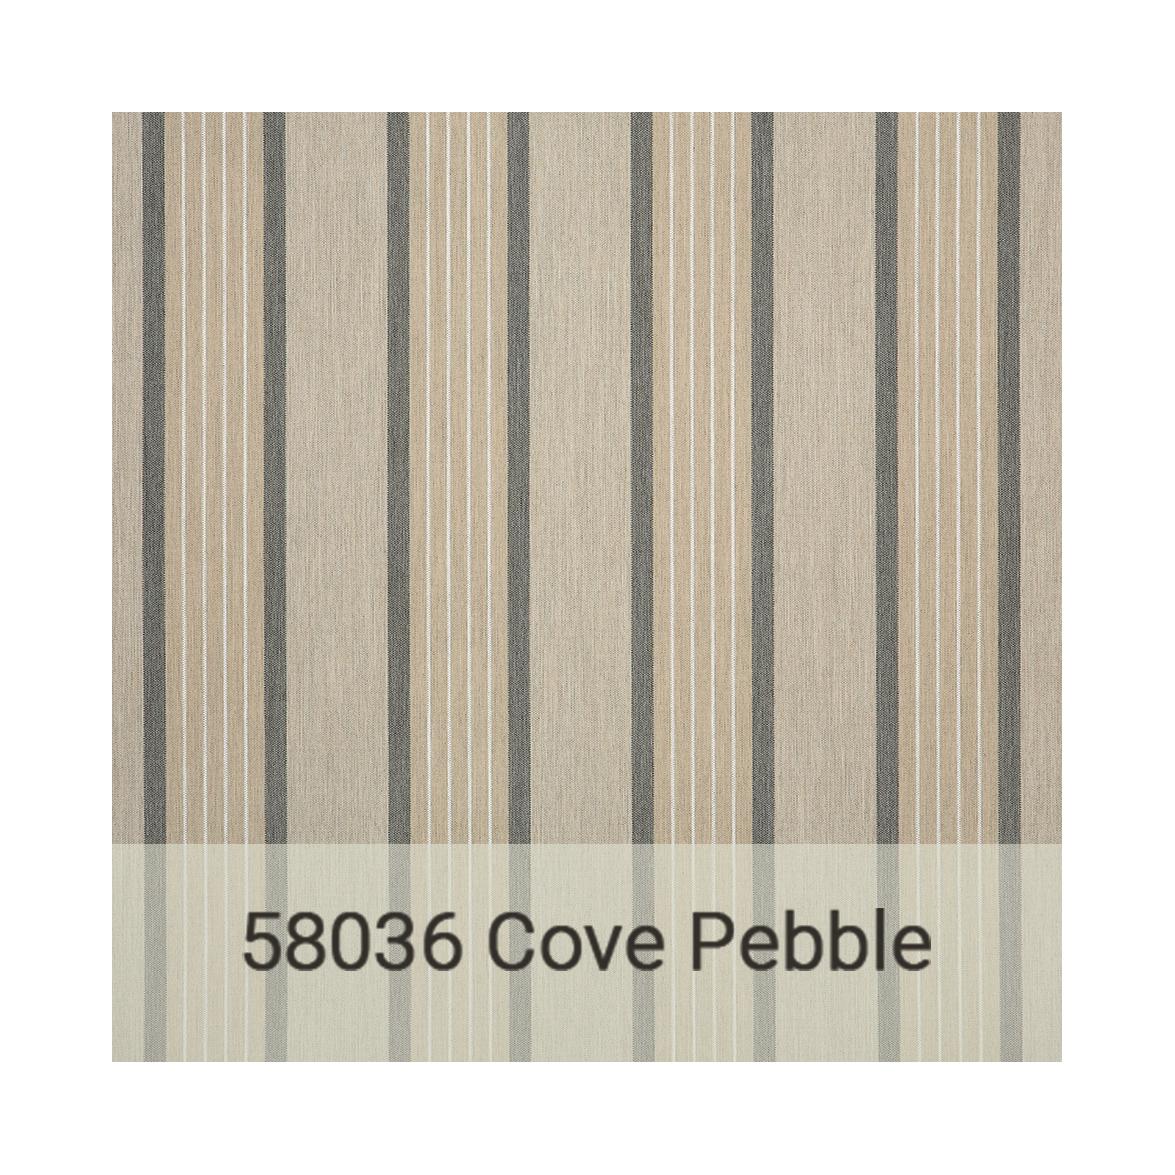 Kingston Casual Sunbrella gradeb-58036-cove-pebble